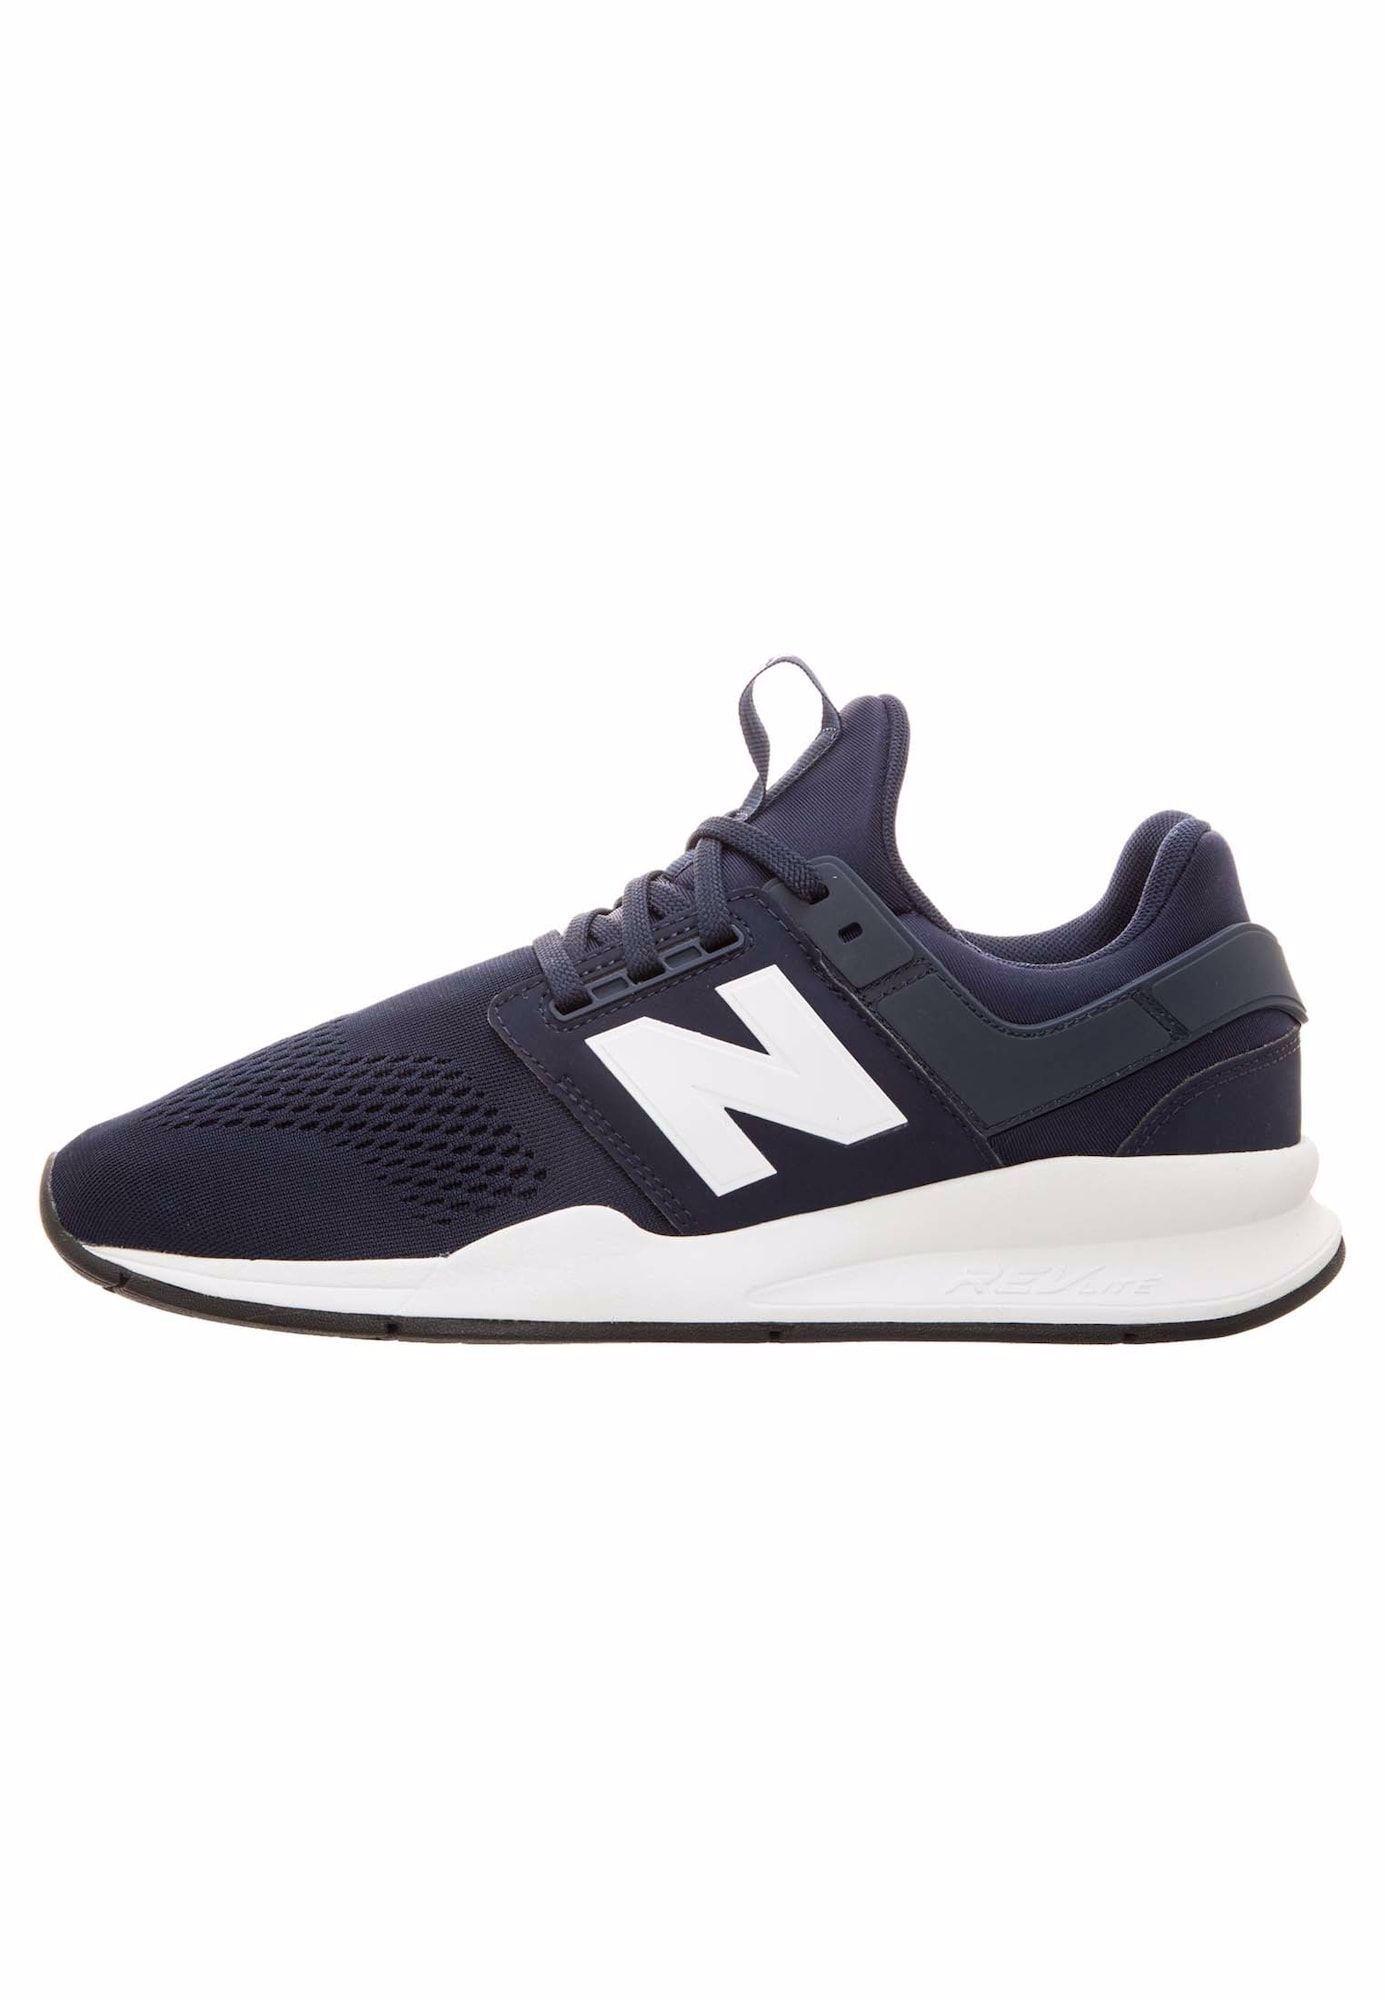 new balance 'Sneaker MS247-EN-D' in blau in 2020 | Sneakers ...